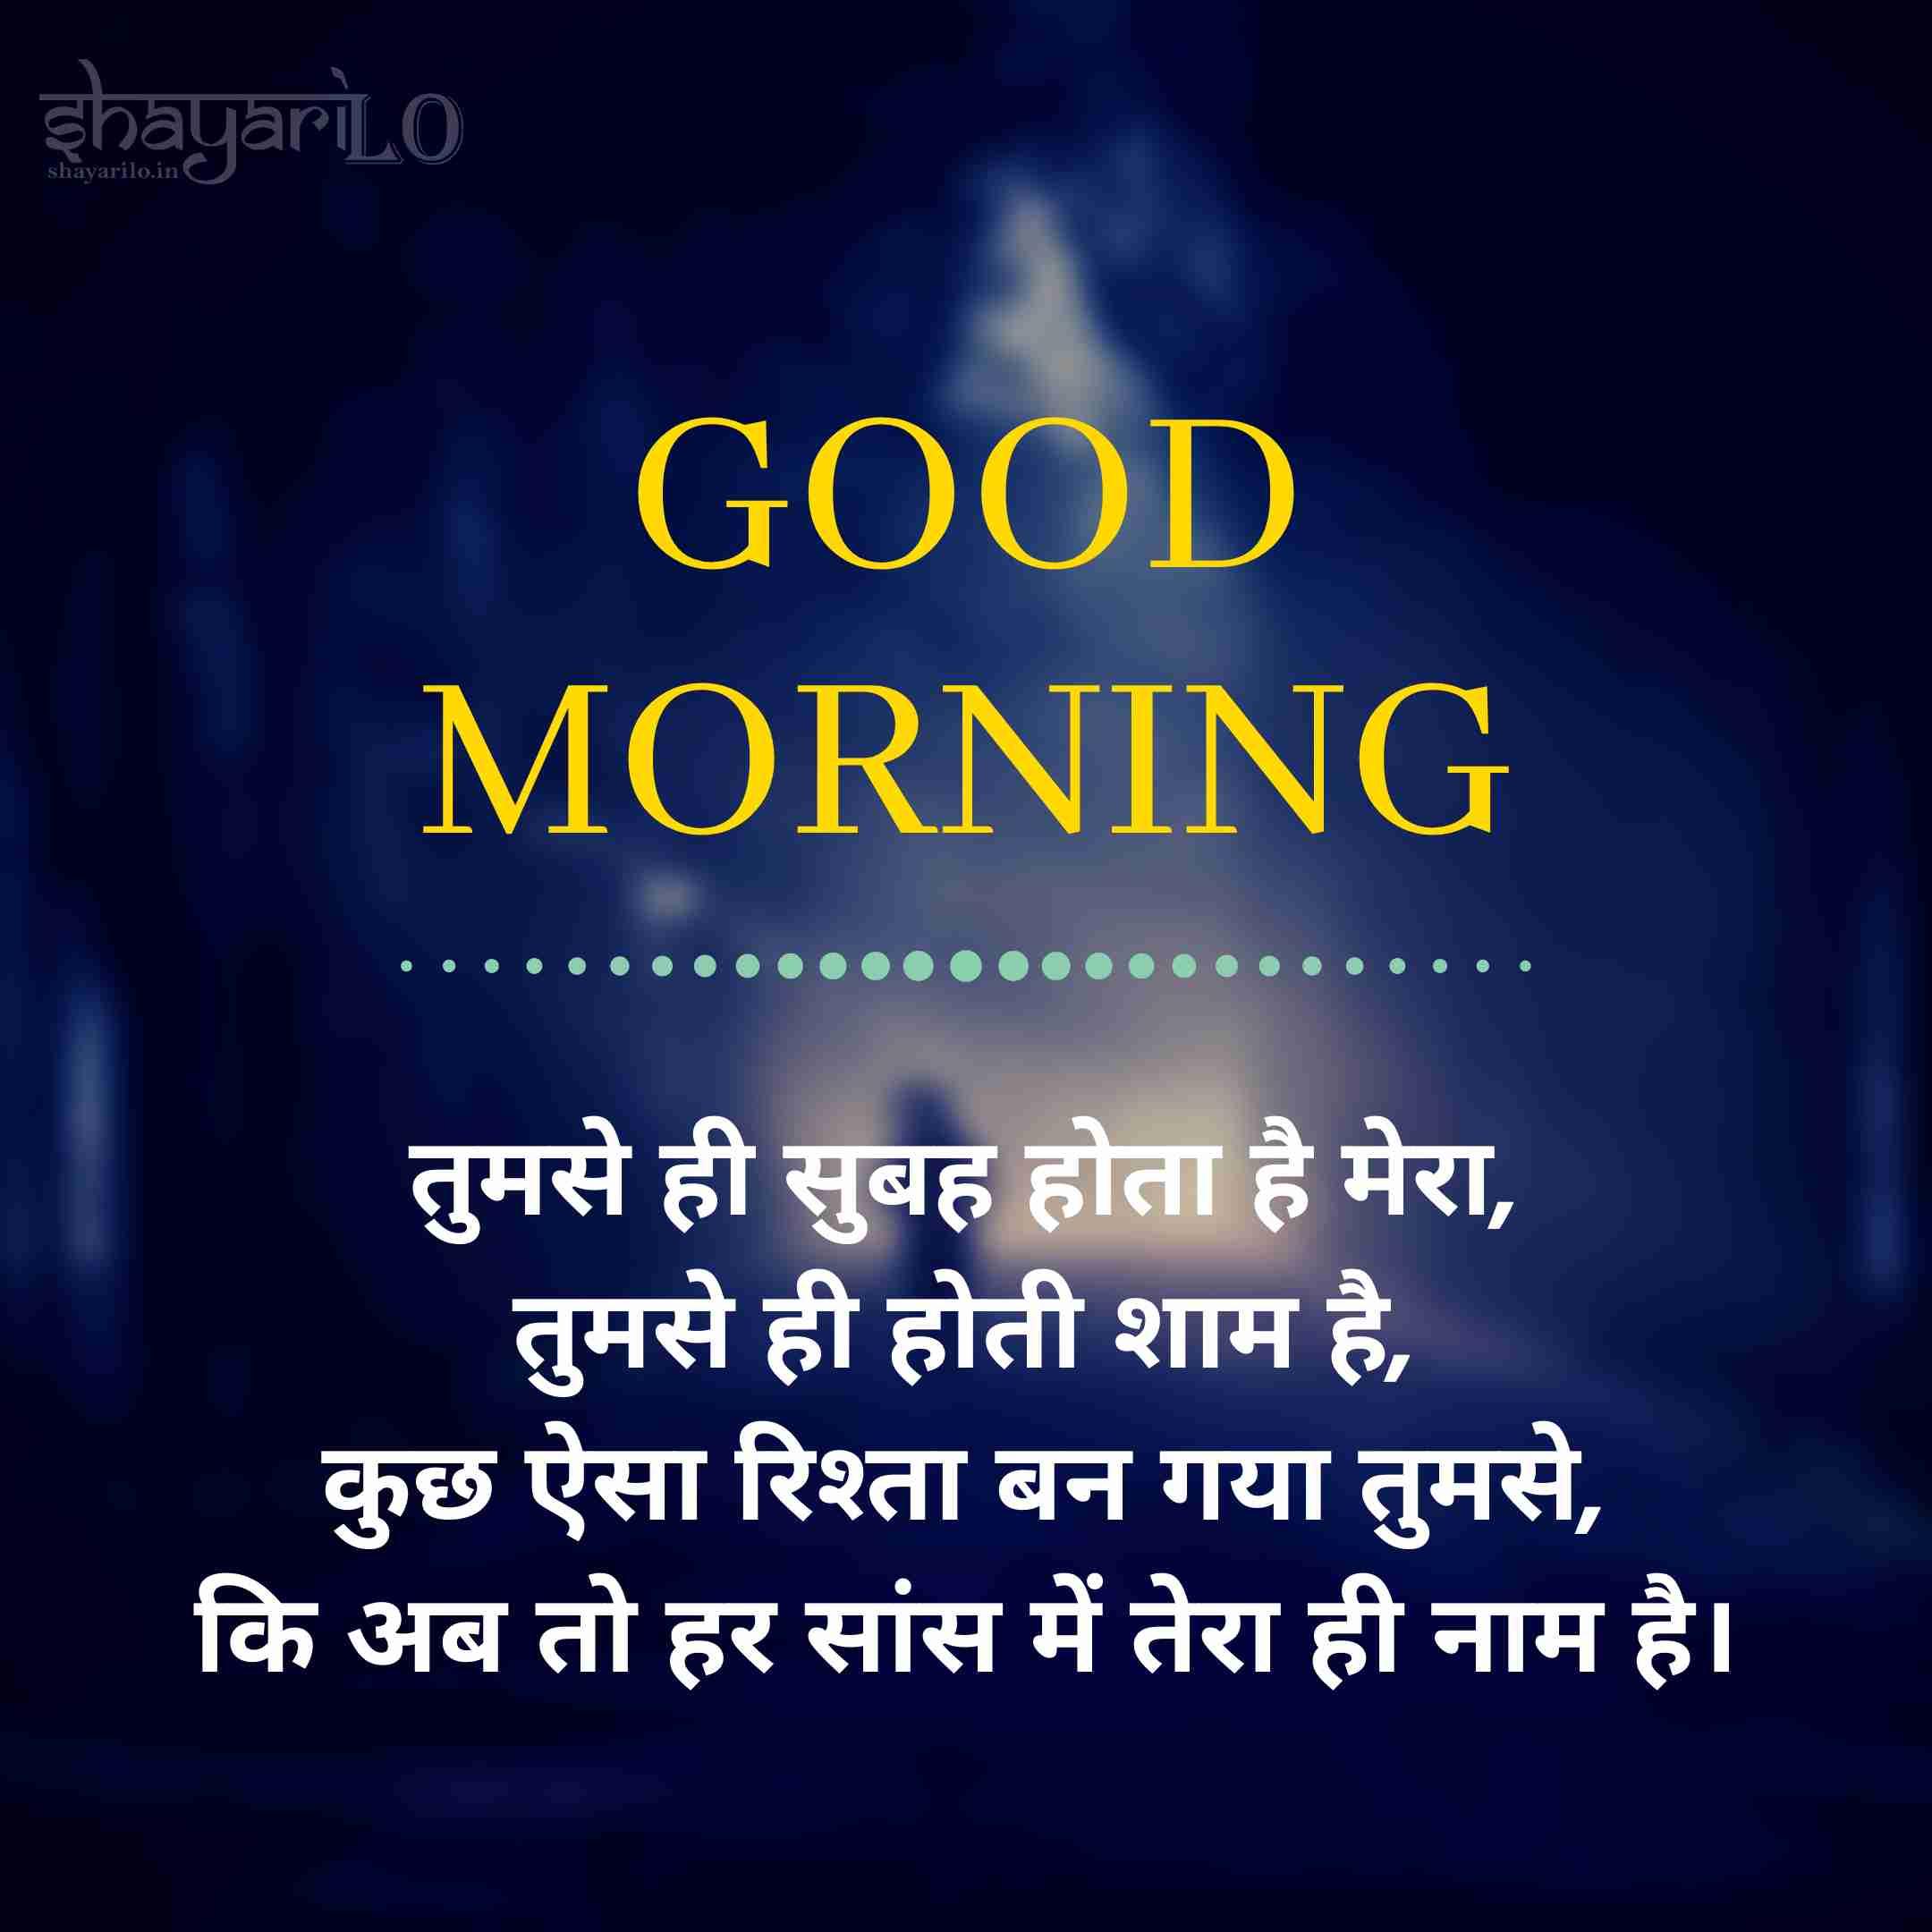 Morning Wish good morning status images